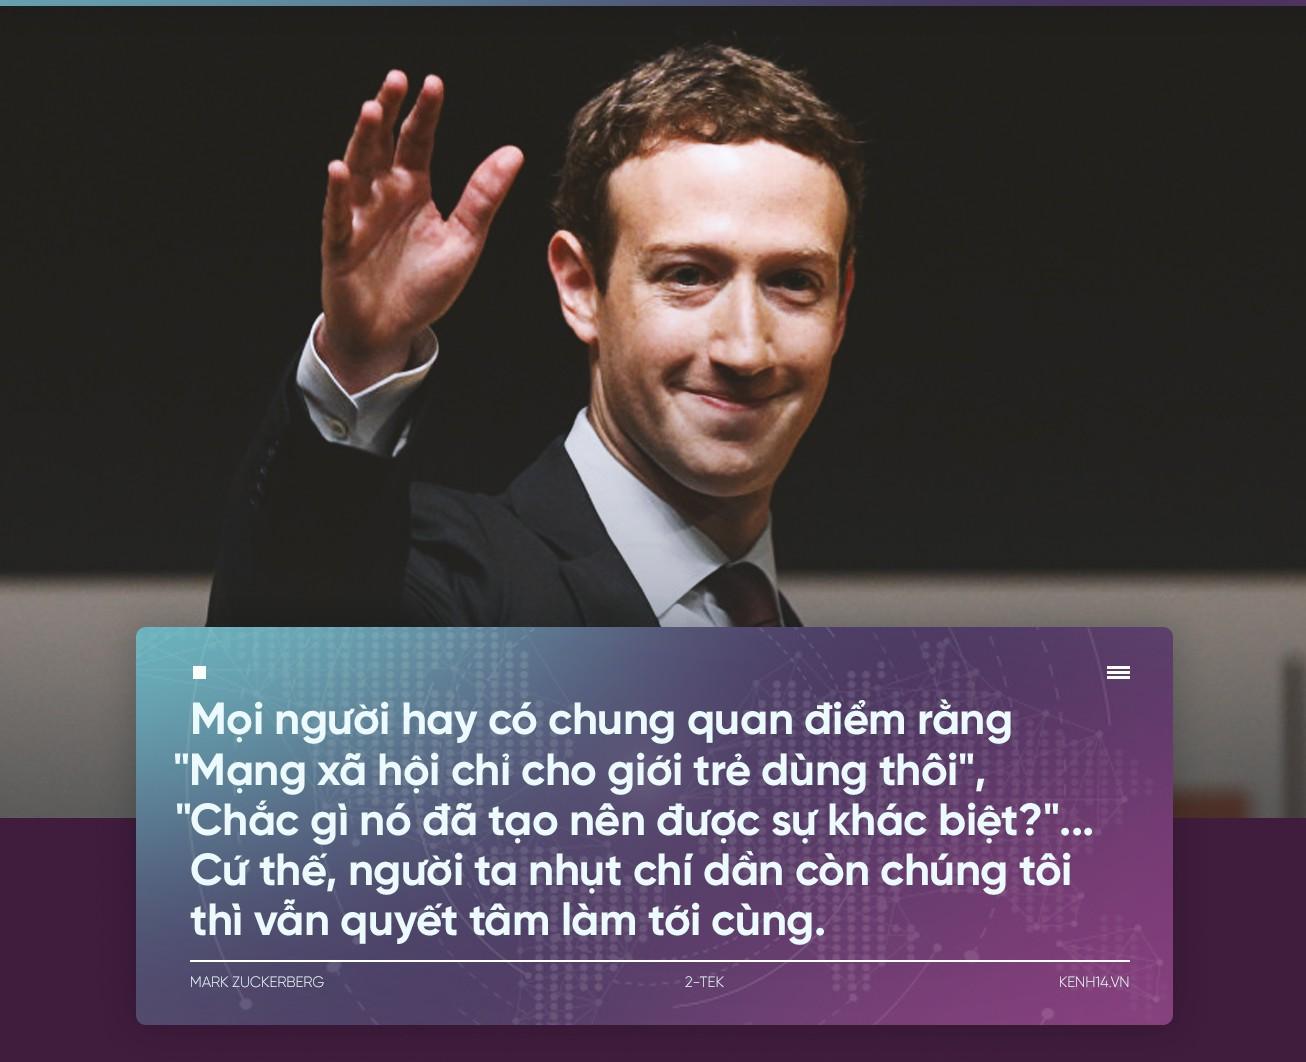 Mark Zuckerberg tâm tình về sự thật khi làm ra Facebook: Không phải để tán gái như phim nói đâu! - Ảnh 3.